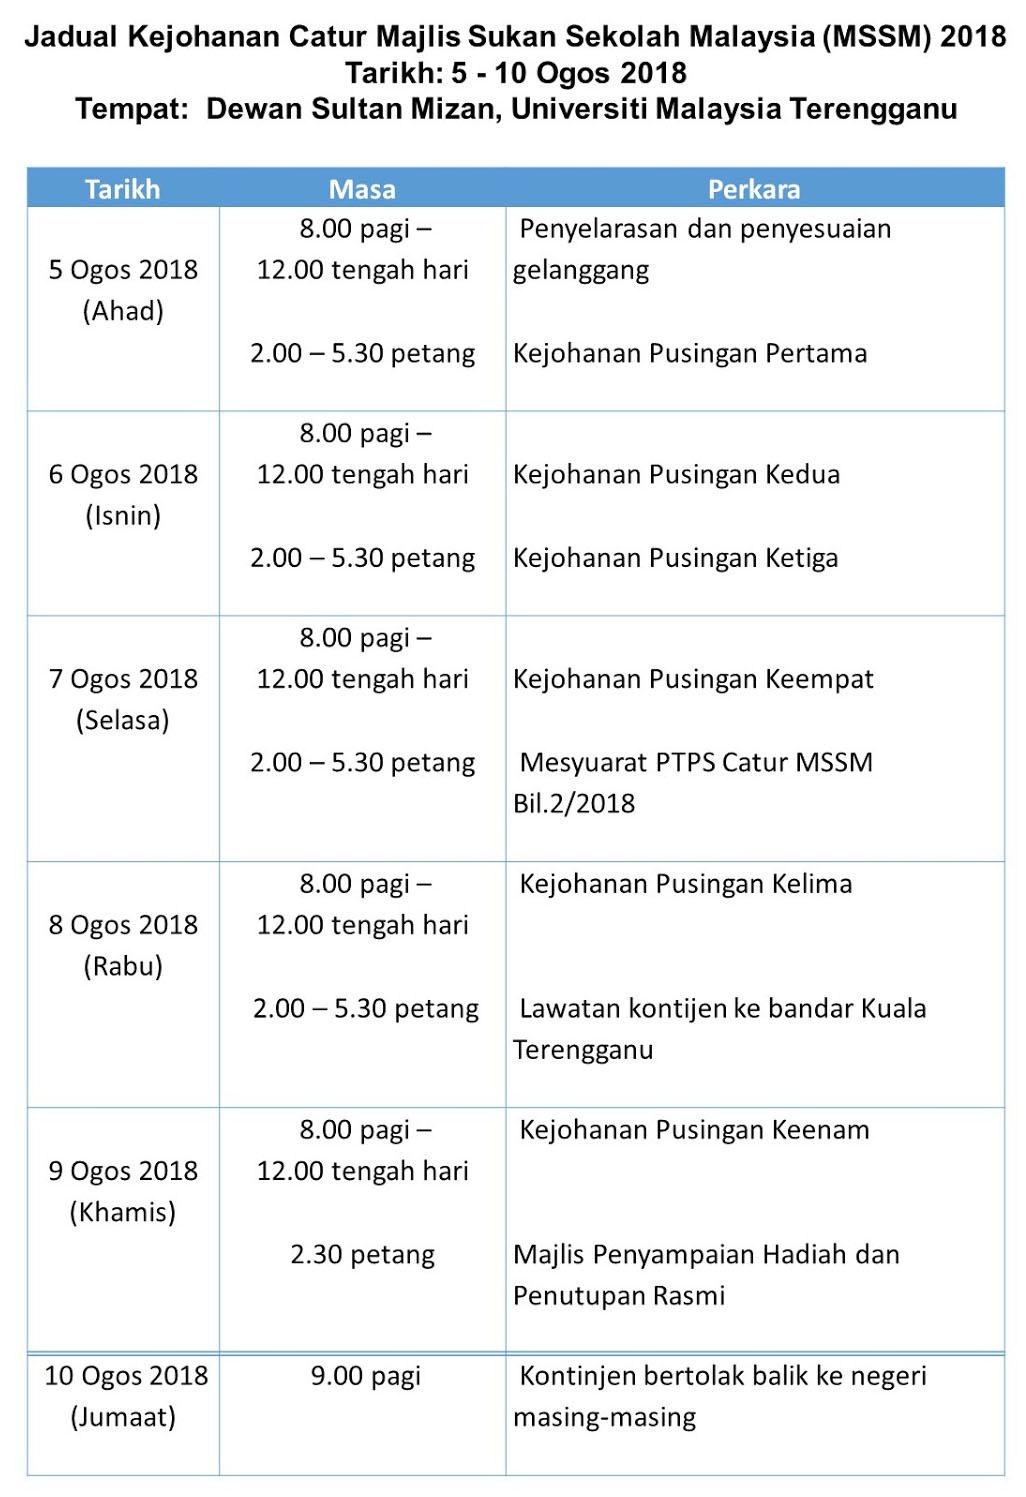 Jadual penuh Kejohananan Catur Majlis Sukan Sekolah Malaysia (MSSM) 2018. Orang ramai dijemput hadir di mana tiada sebarang tiket dikenakan.